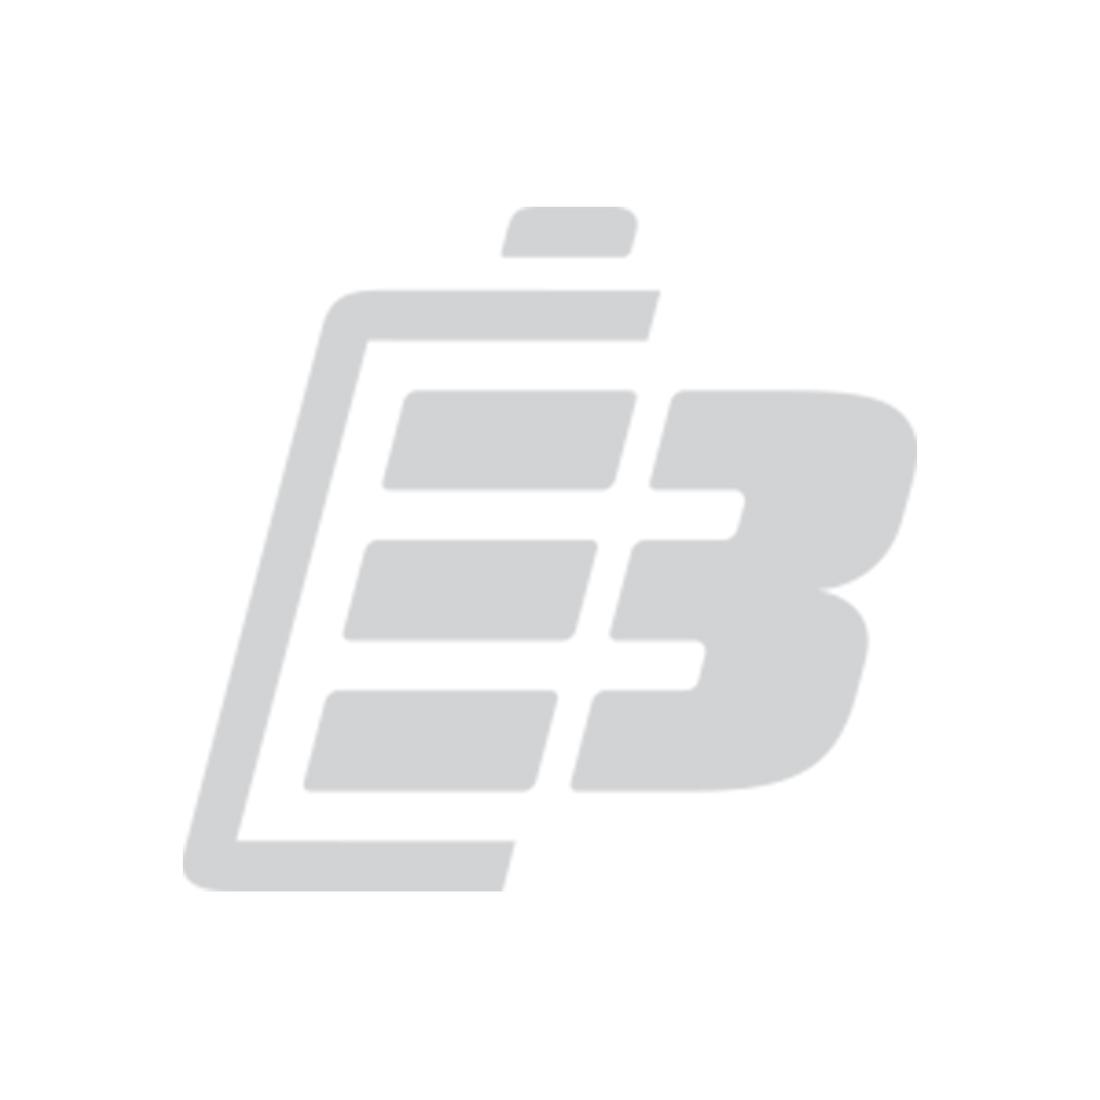 Smartphone battery Wiko Freddy_1